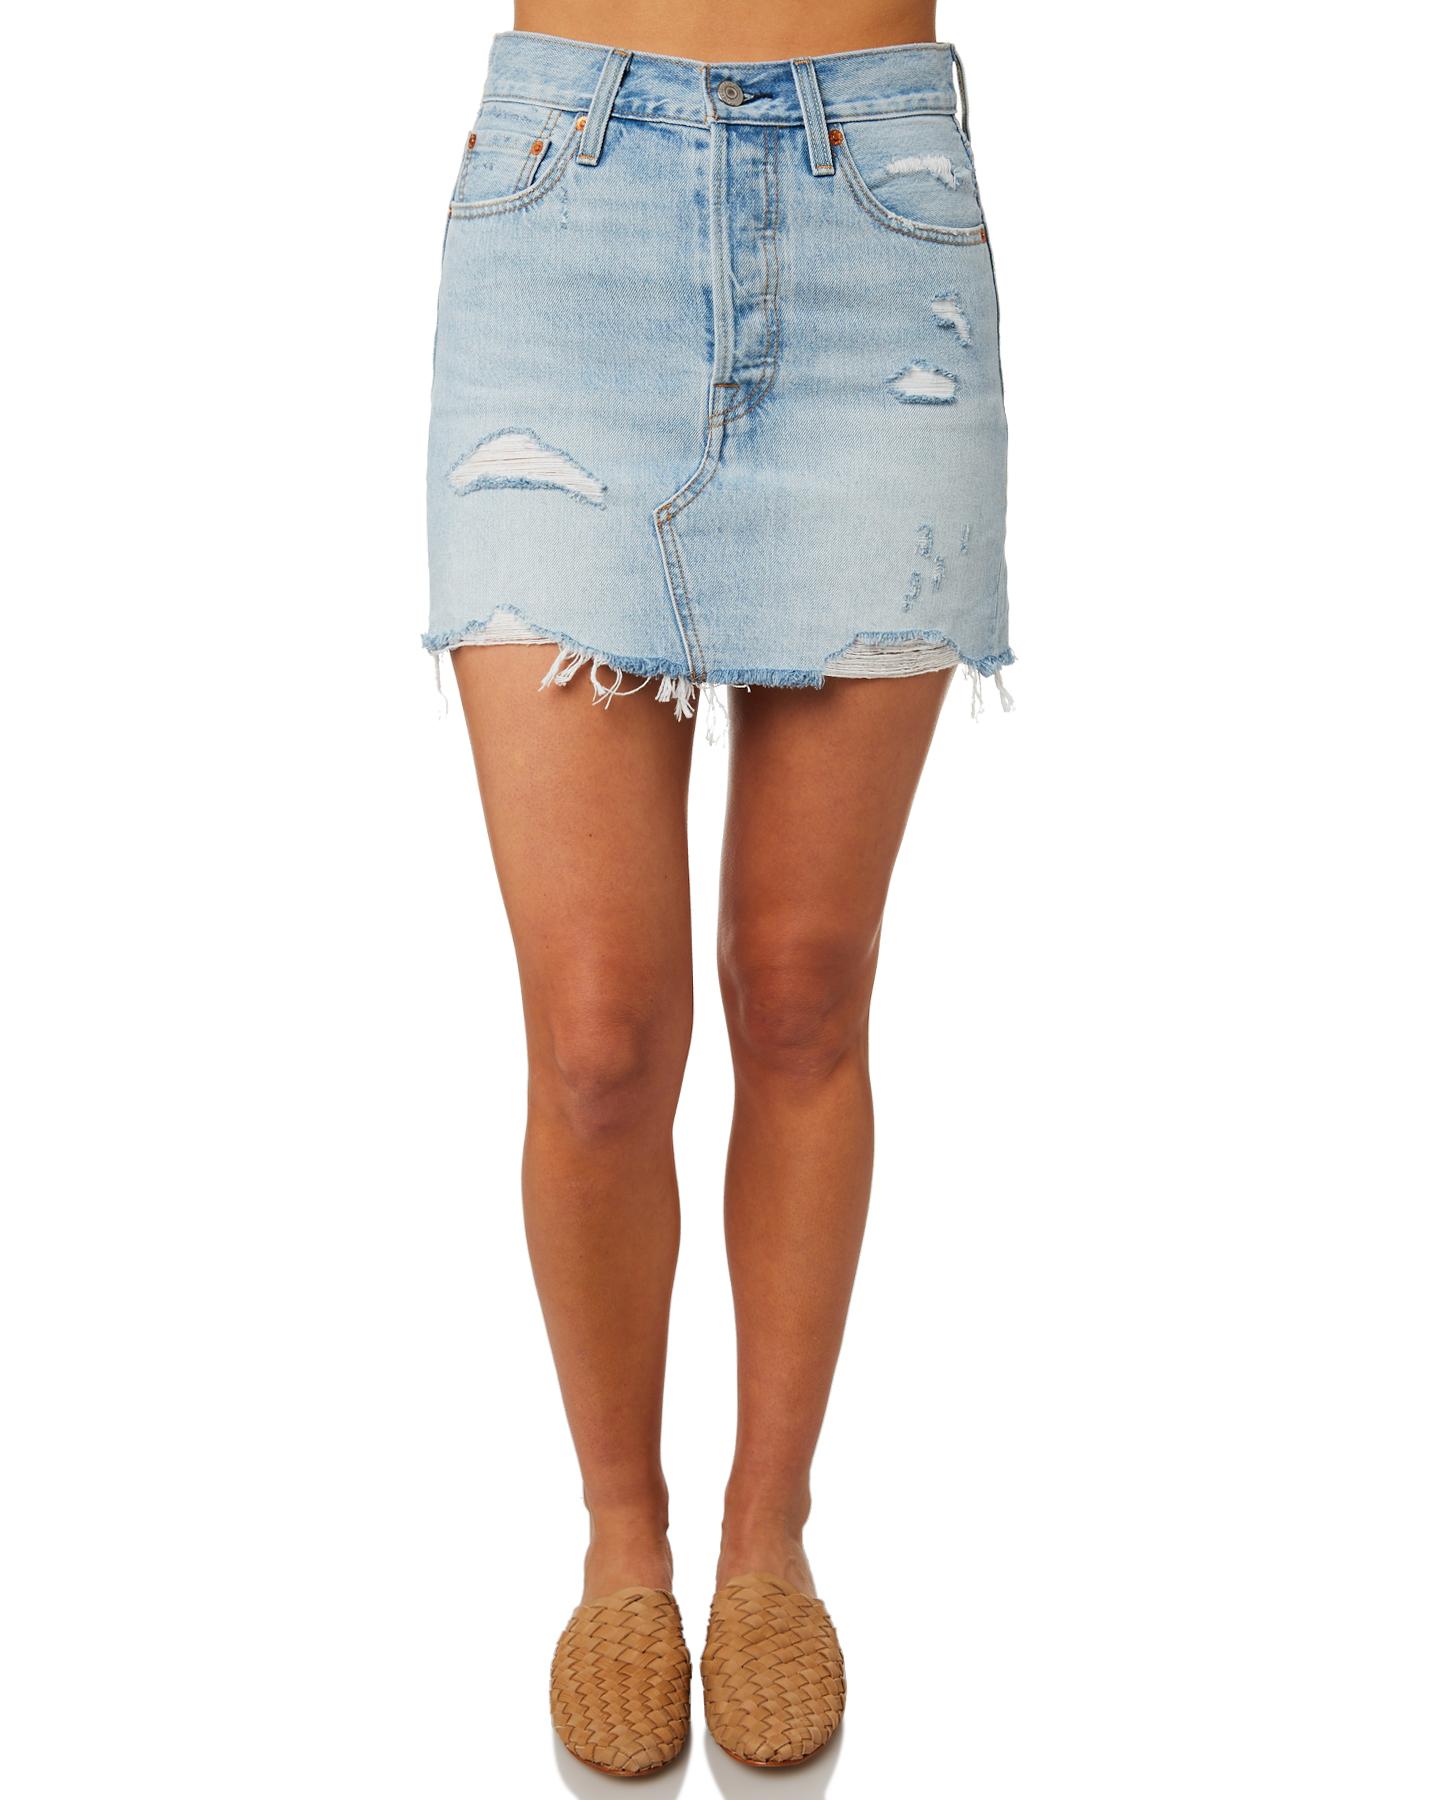 6b6bfc17e Levis Denim Skirt Womens